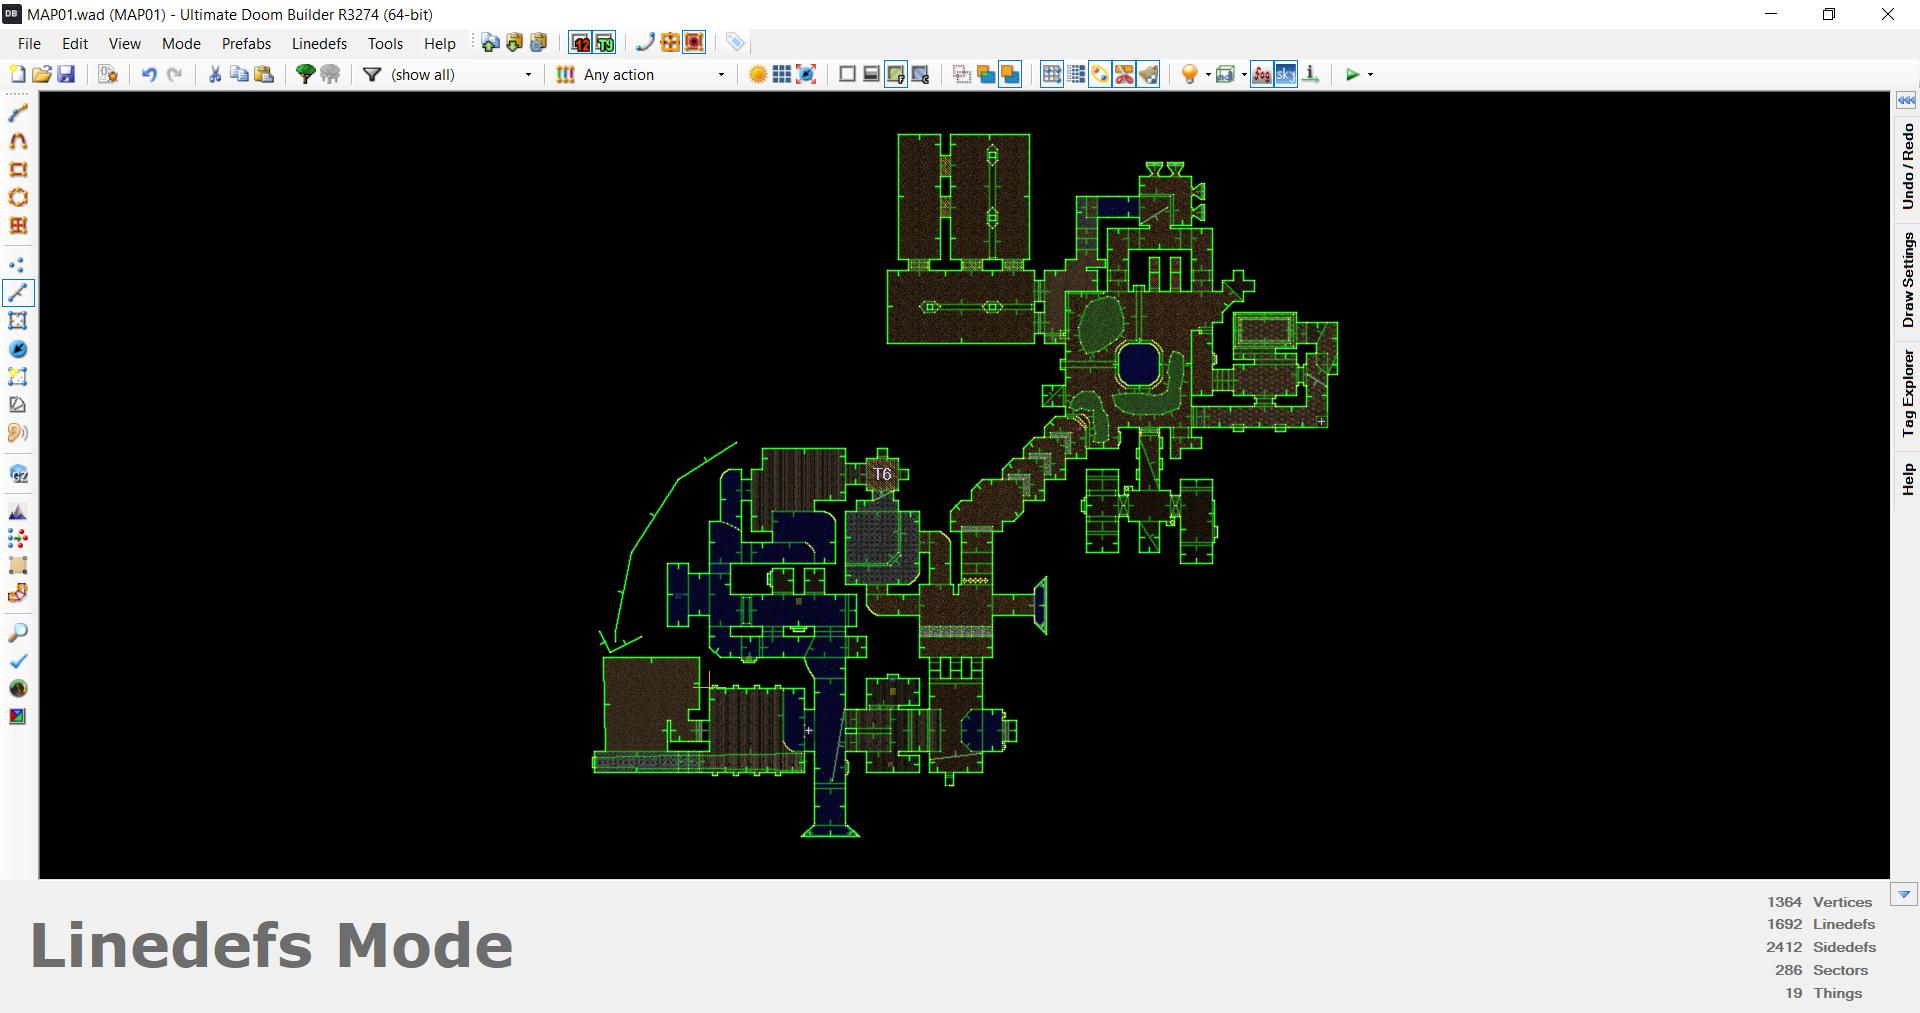 1024946662_MAP01.wad(MAP01)-UltimateDoomBuilderR3274(64-bit)2021-06-1912_59_07.png.f608666875177b9fb200690c48e7e569.png